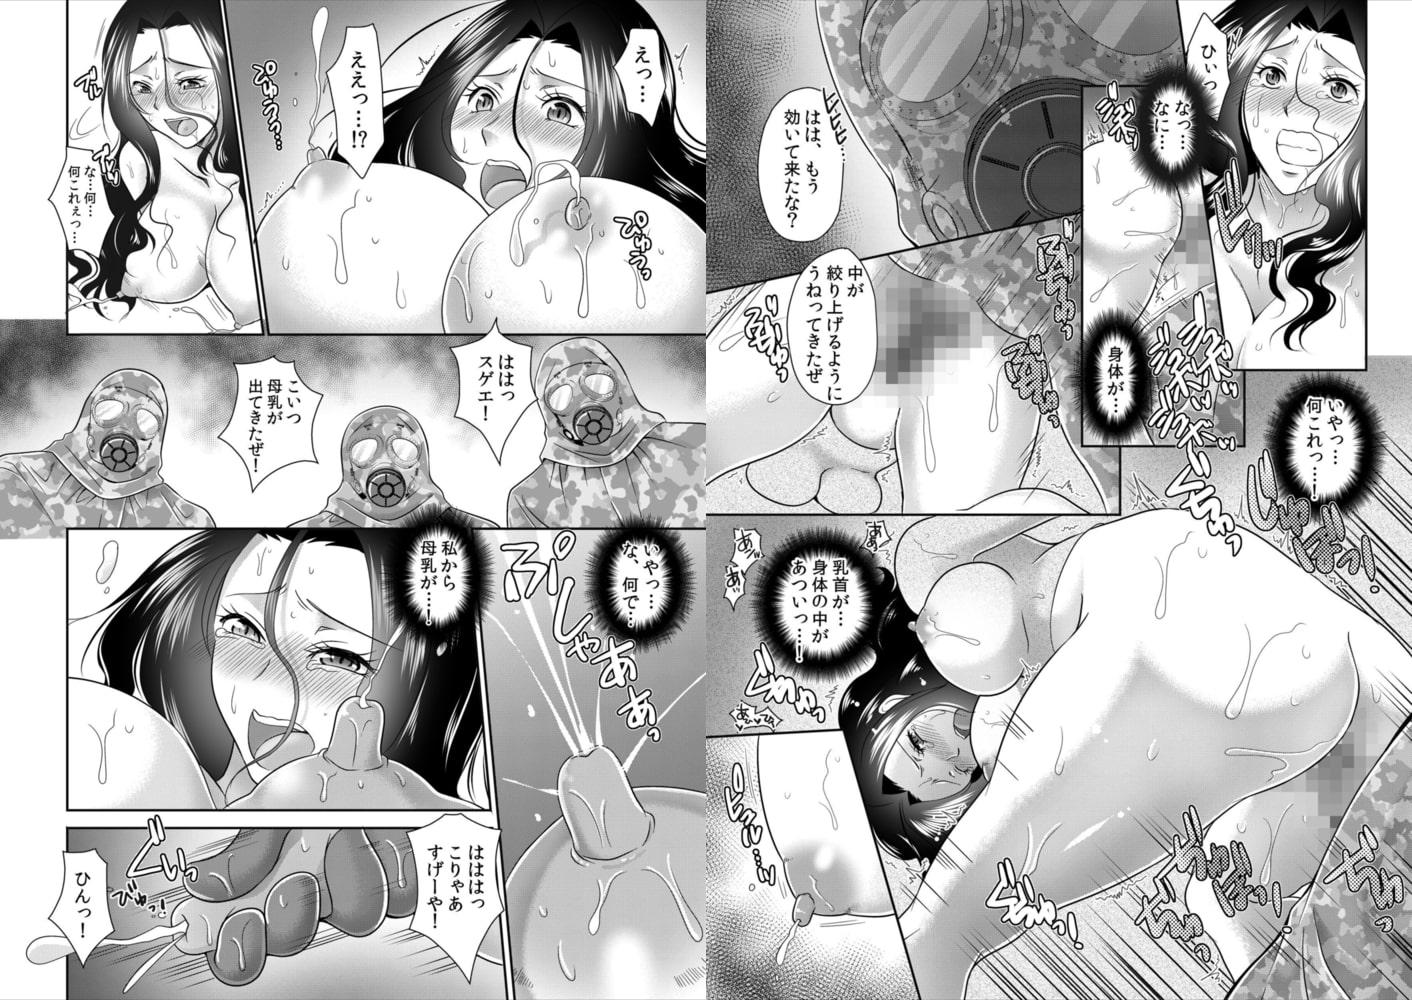 【セット売り】エロウィルス感染~世界中の女がずぶ濡れになった日!? 4